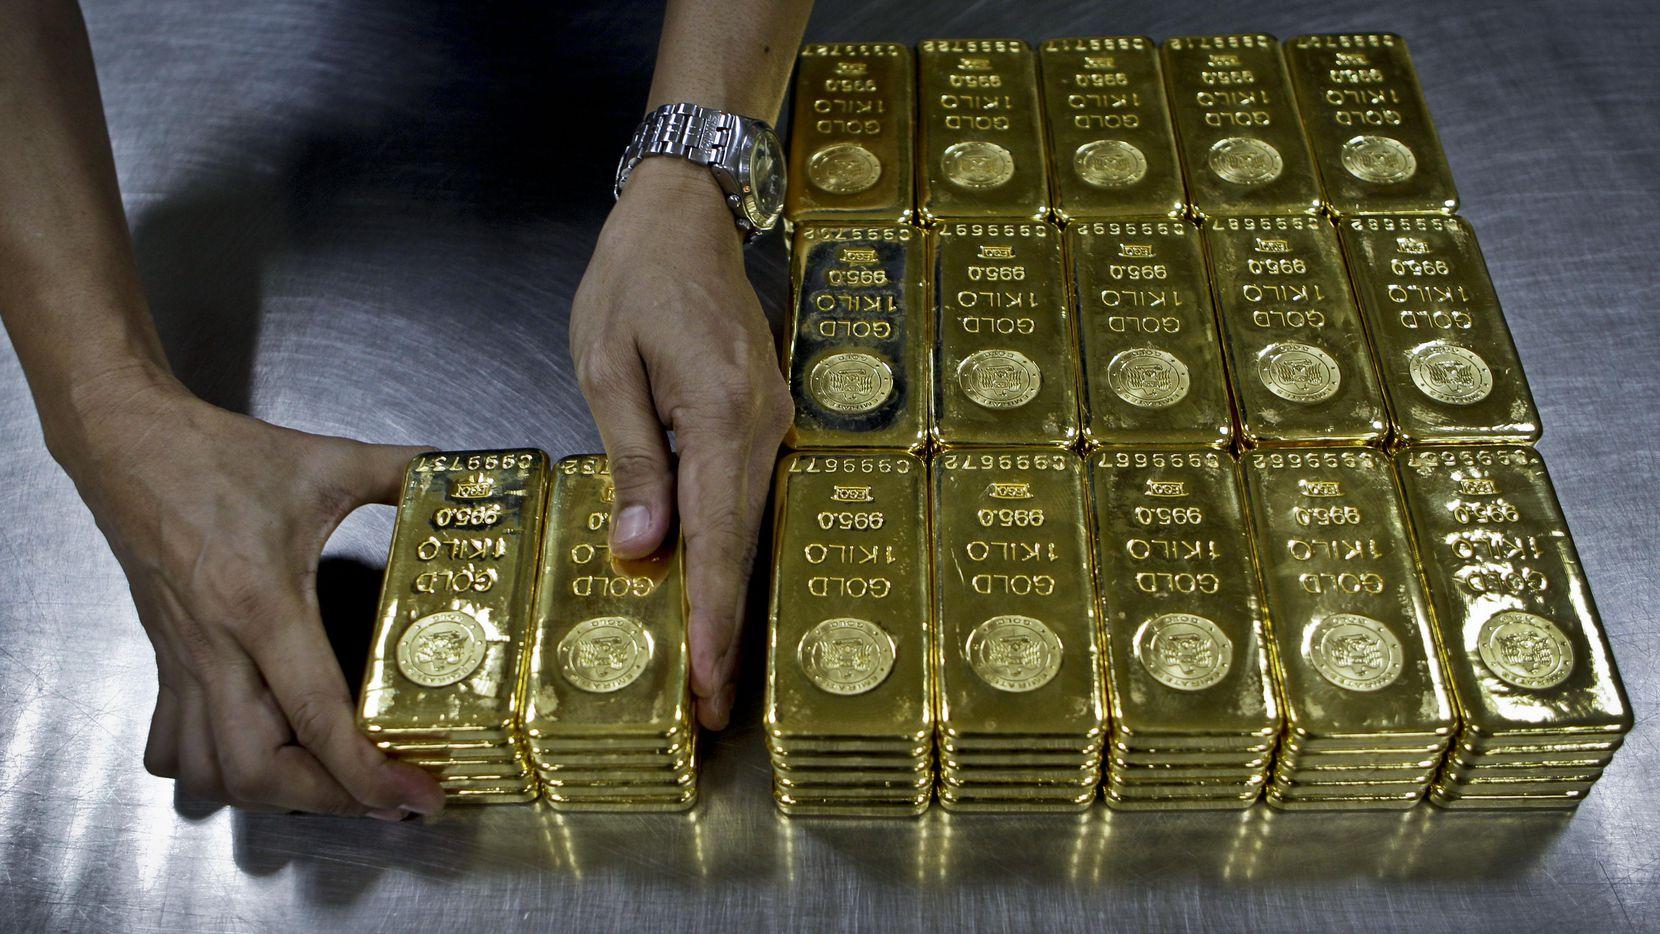 Una operación de lavado de dinero utilizó más de $1,000 millones de oro explotado ilegalmente. AP